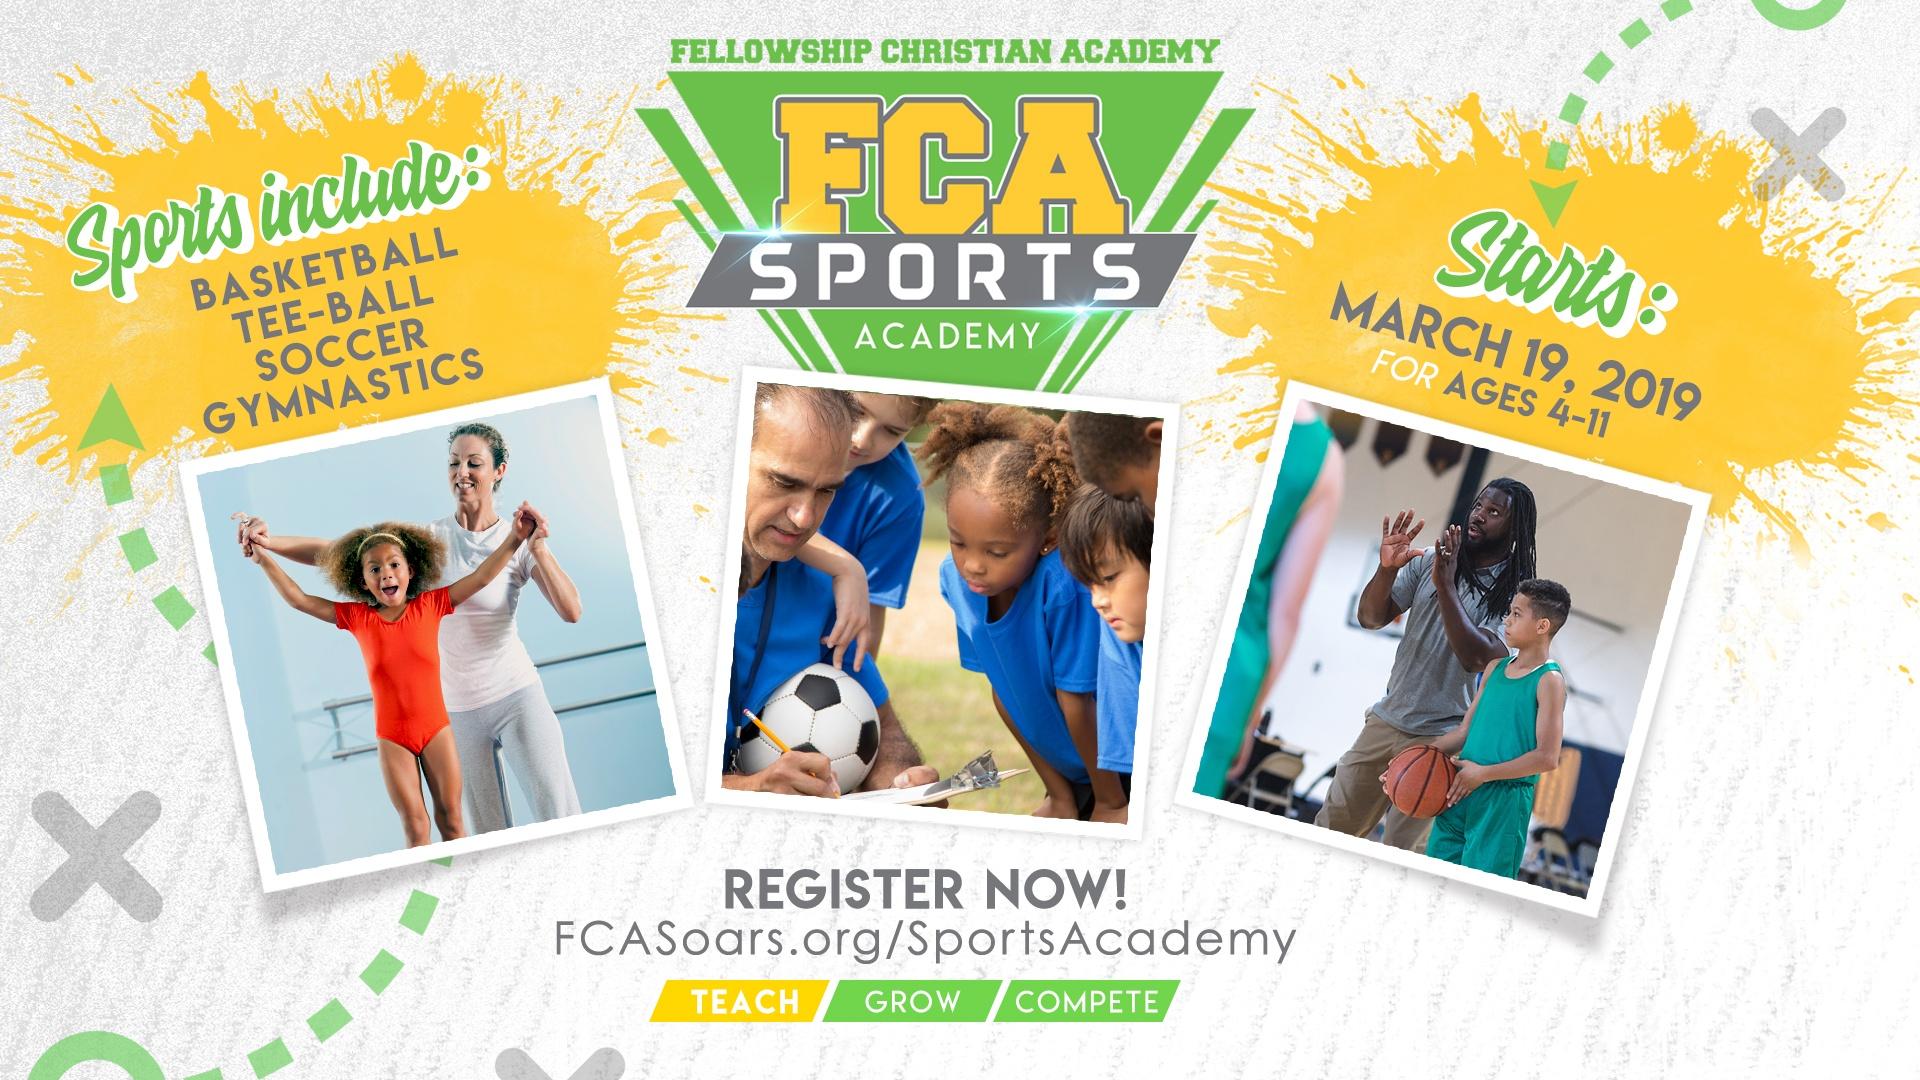 FCA Sports Academy